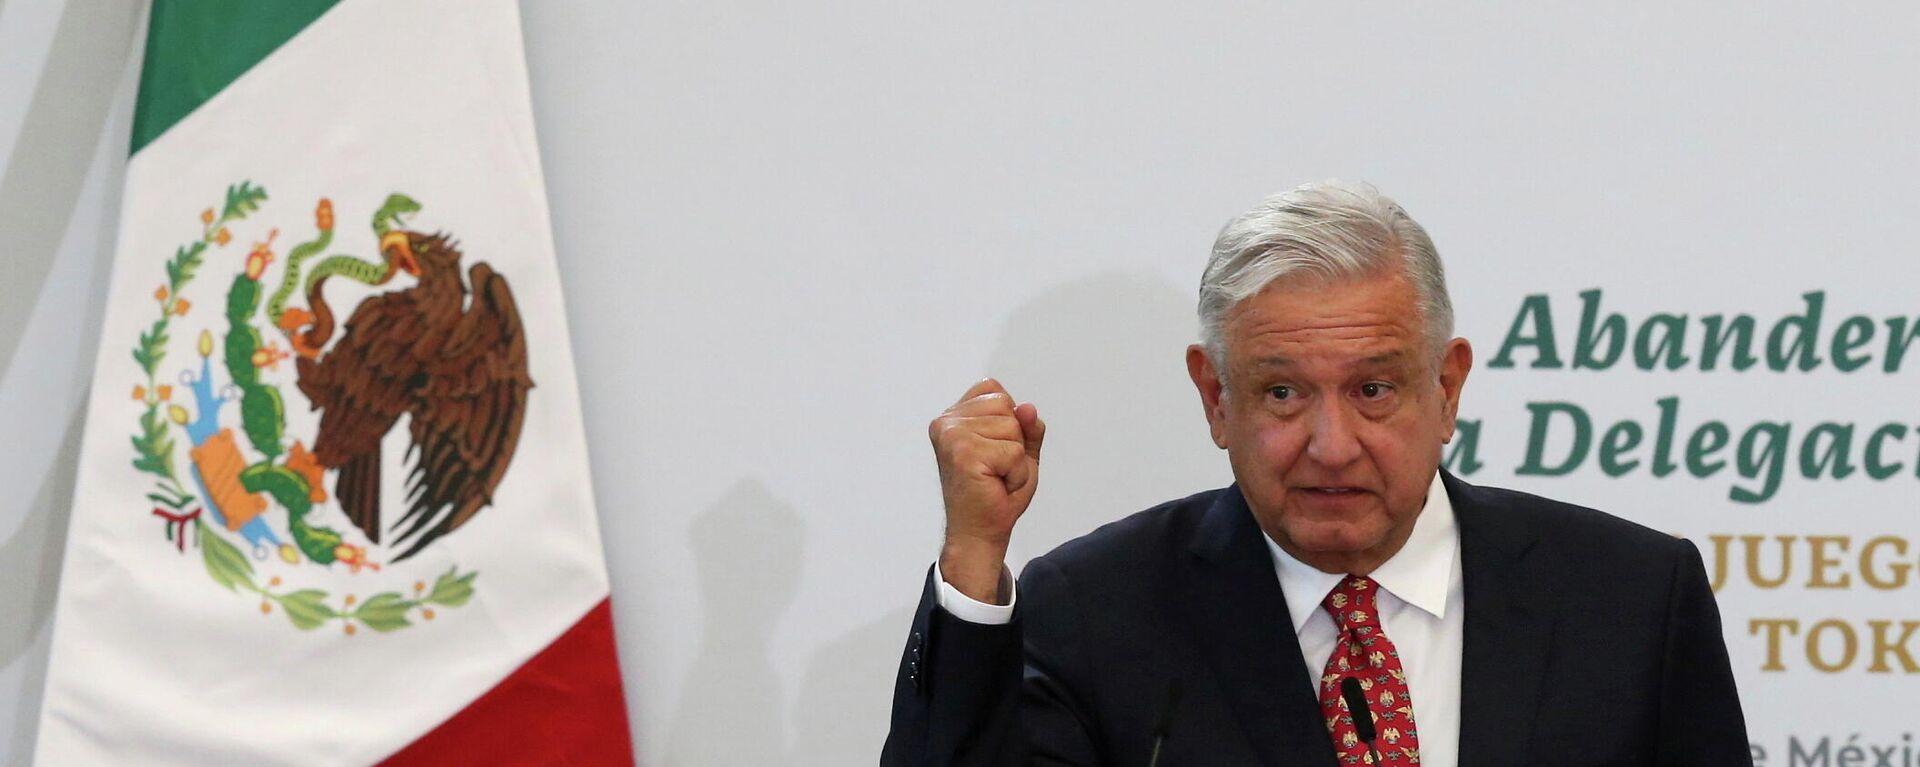 El presidente de México, Andrés Manuel López Obrador, pronuncia un discurso durante una ceremonia previa a los Juegos Olímpicos de Tokio 2020, en la Ciudad de México, México, el 5 de julio de 2021 - Sputnik Mundo, 1920, 10.08.2021